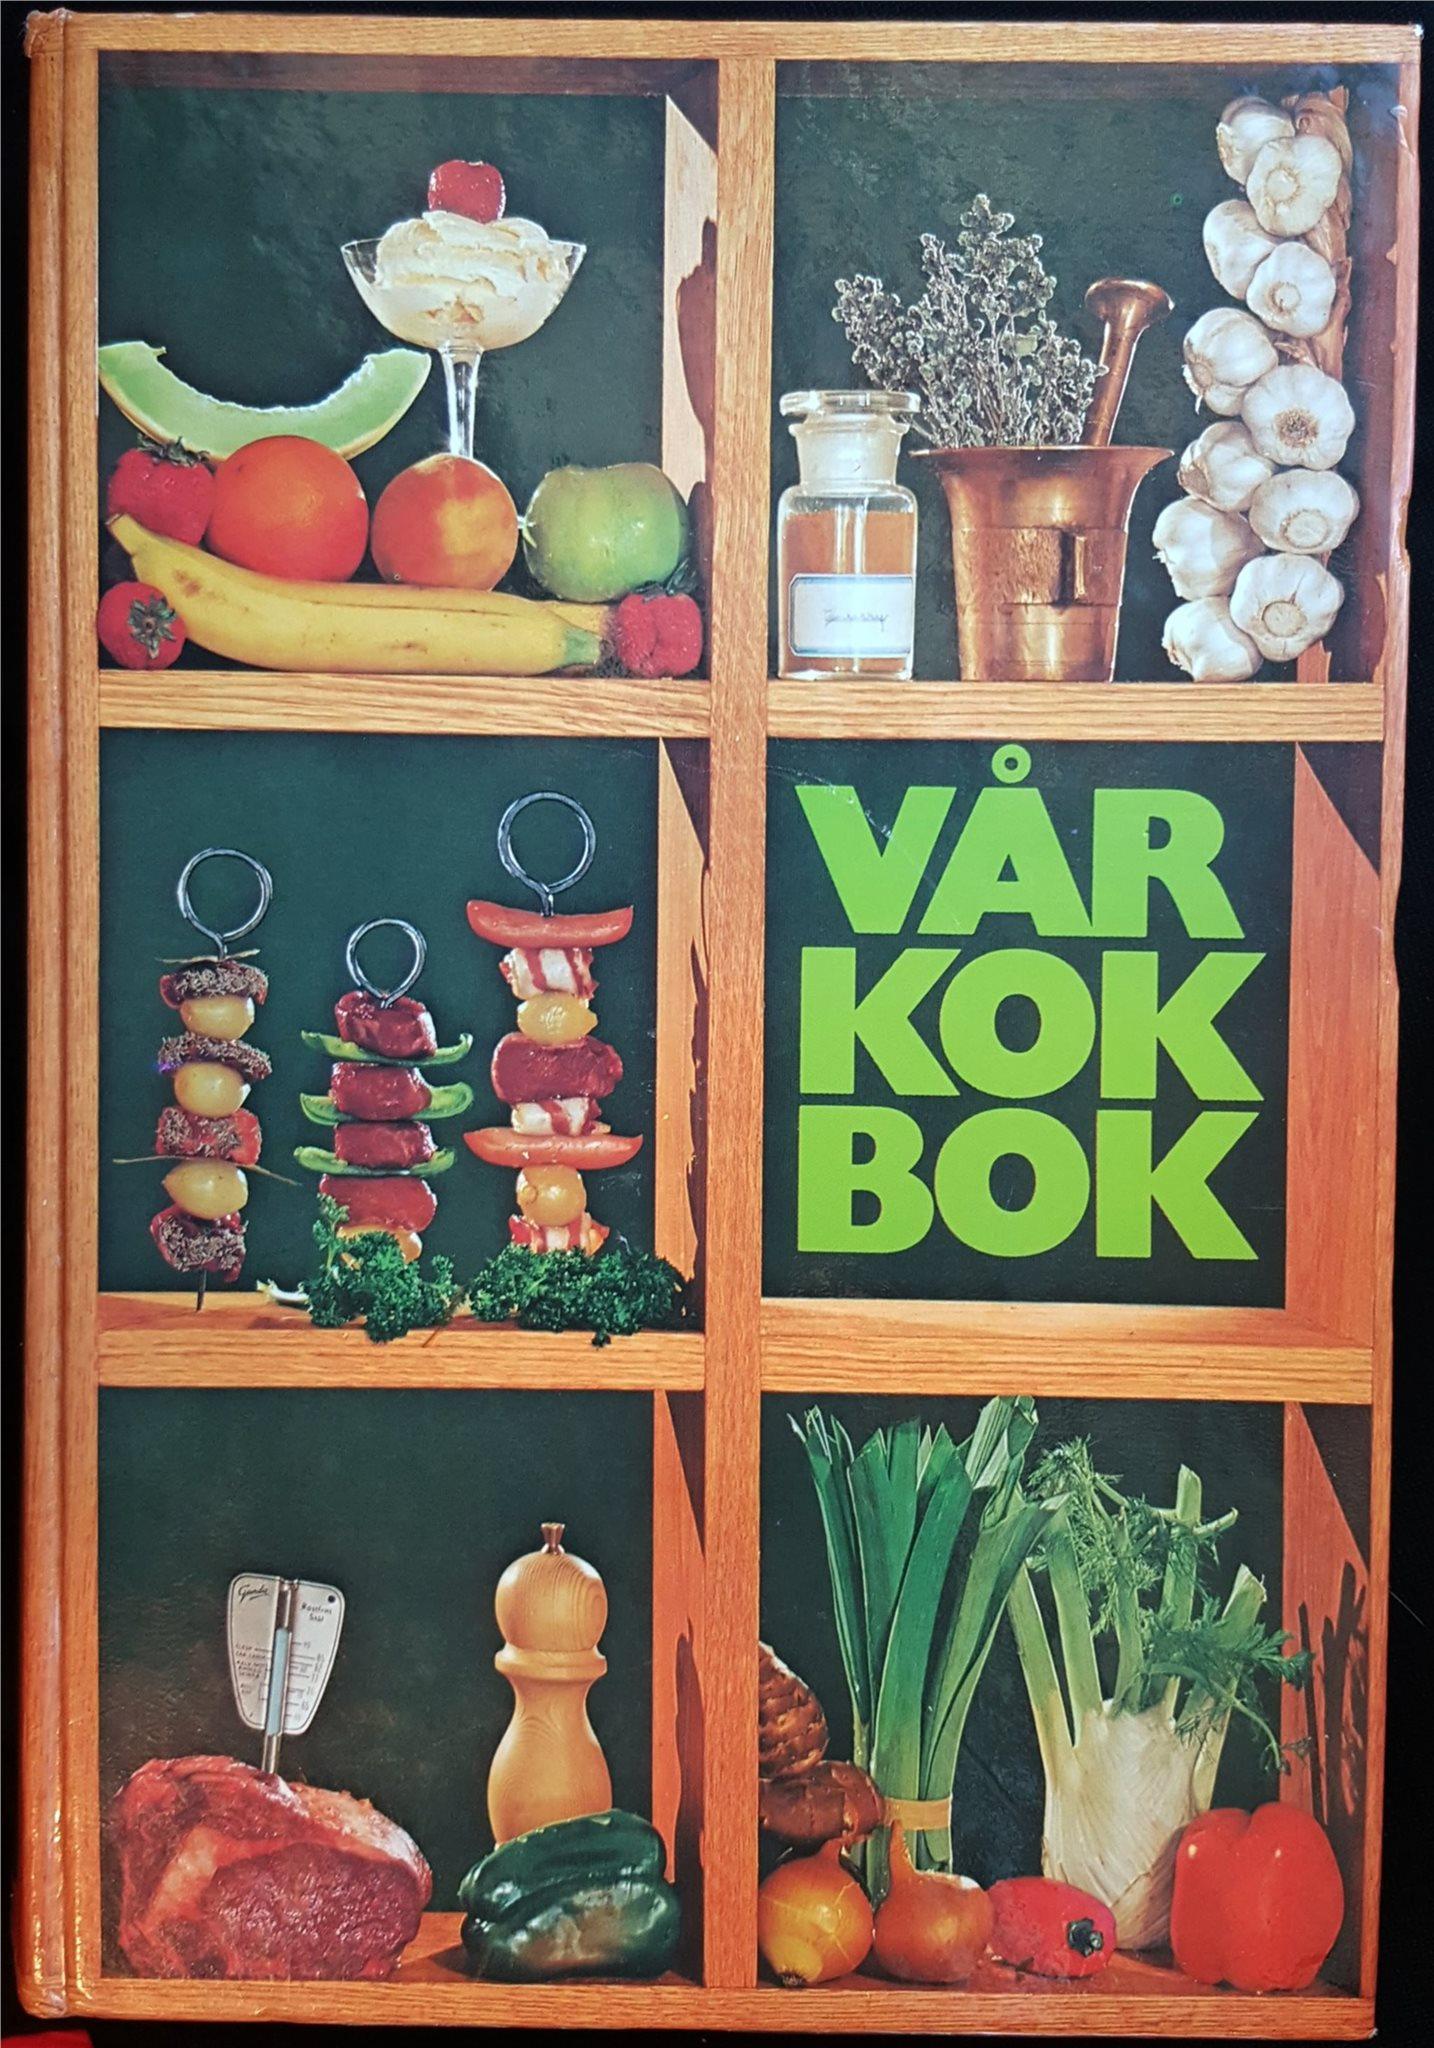 VÅR KOKBOK 1978 - tolfte omarbetade upplagan